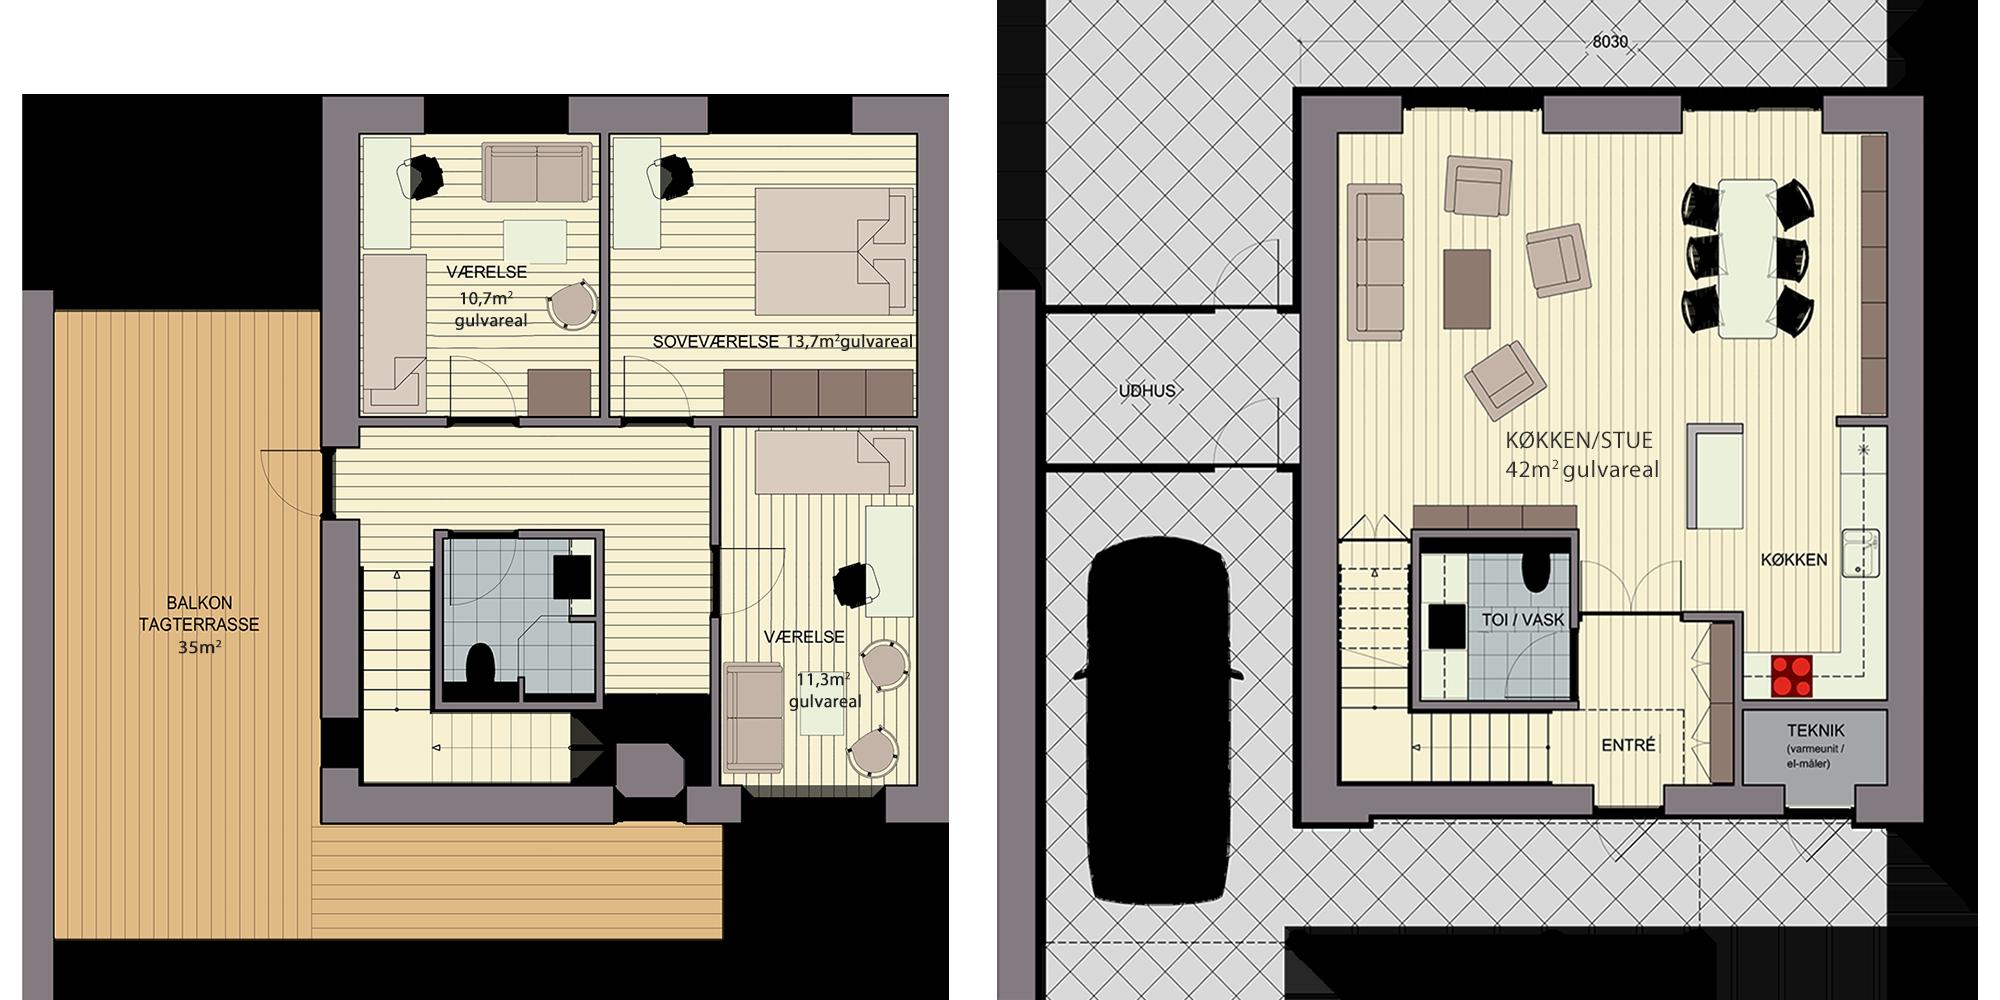 farvet-hus-udg-4-1-samlet